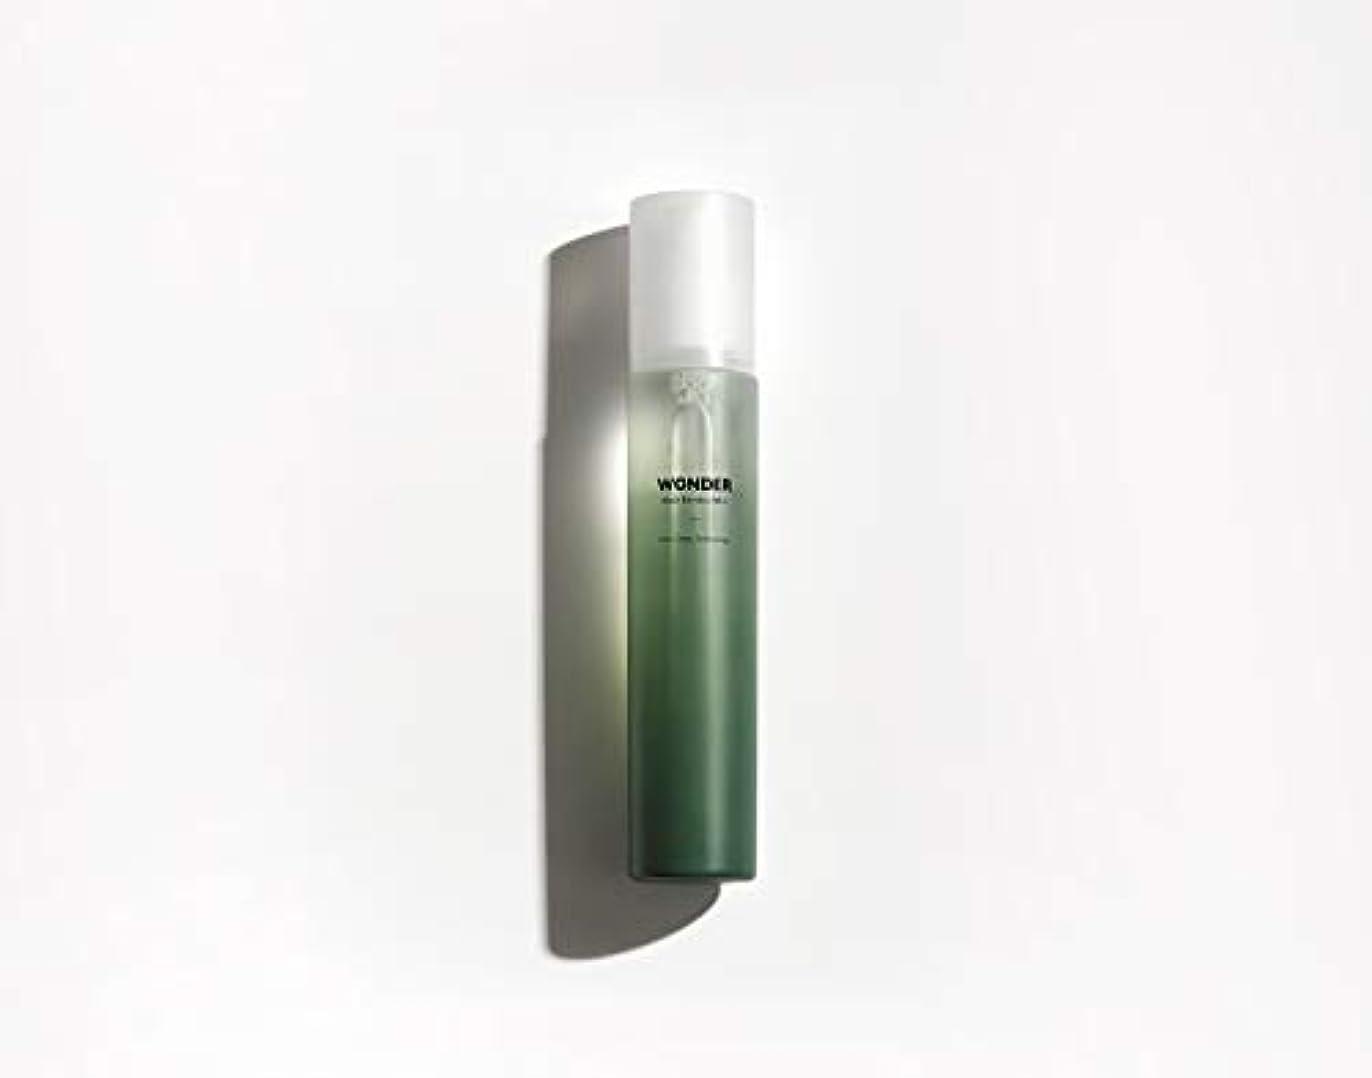 マントル運命逃れるHaruharu(ハルハル) ハルハルワンダー BBミスト 化粧水 6種の天然オイルの香り 150ml